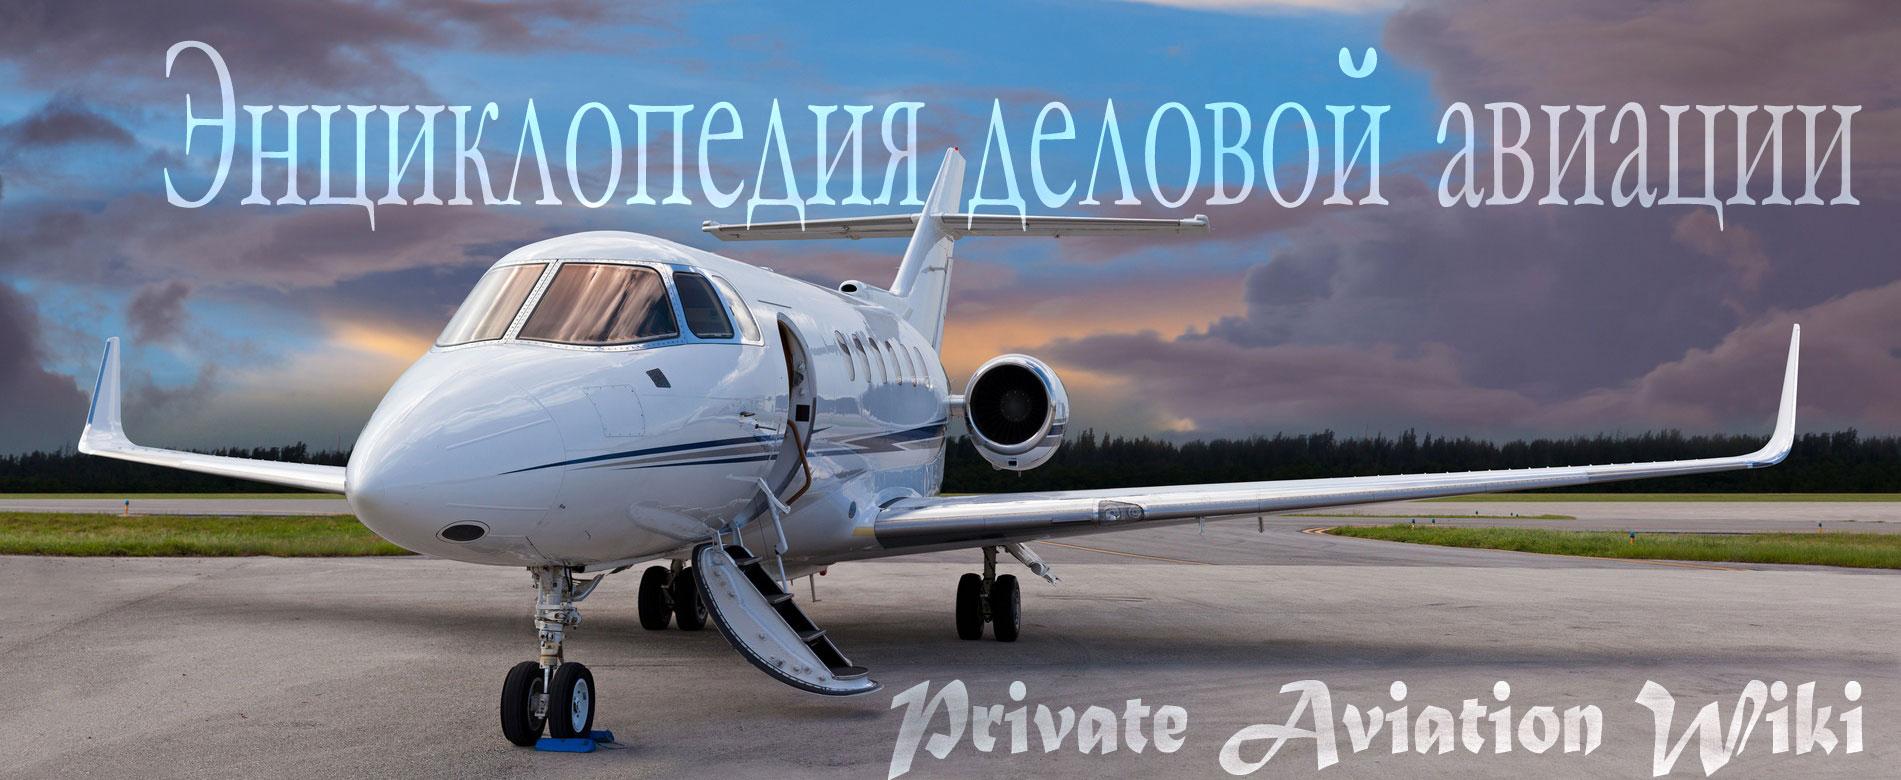 Энциклопедия деловой авиации